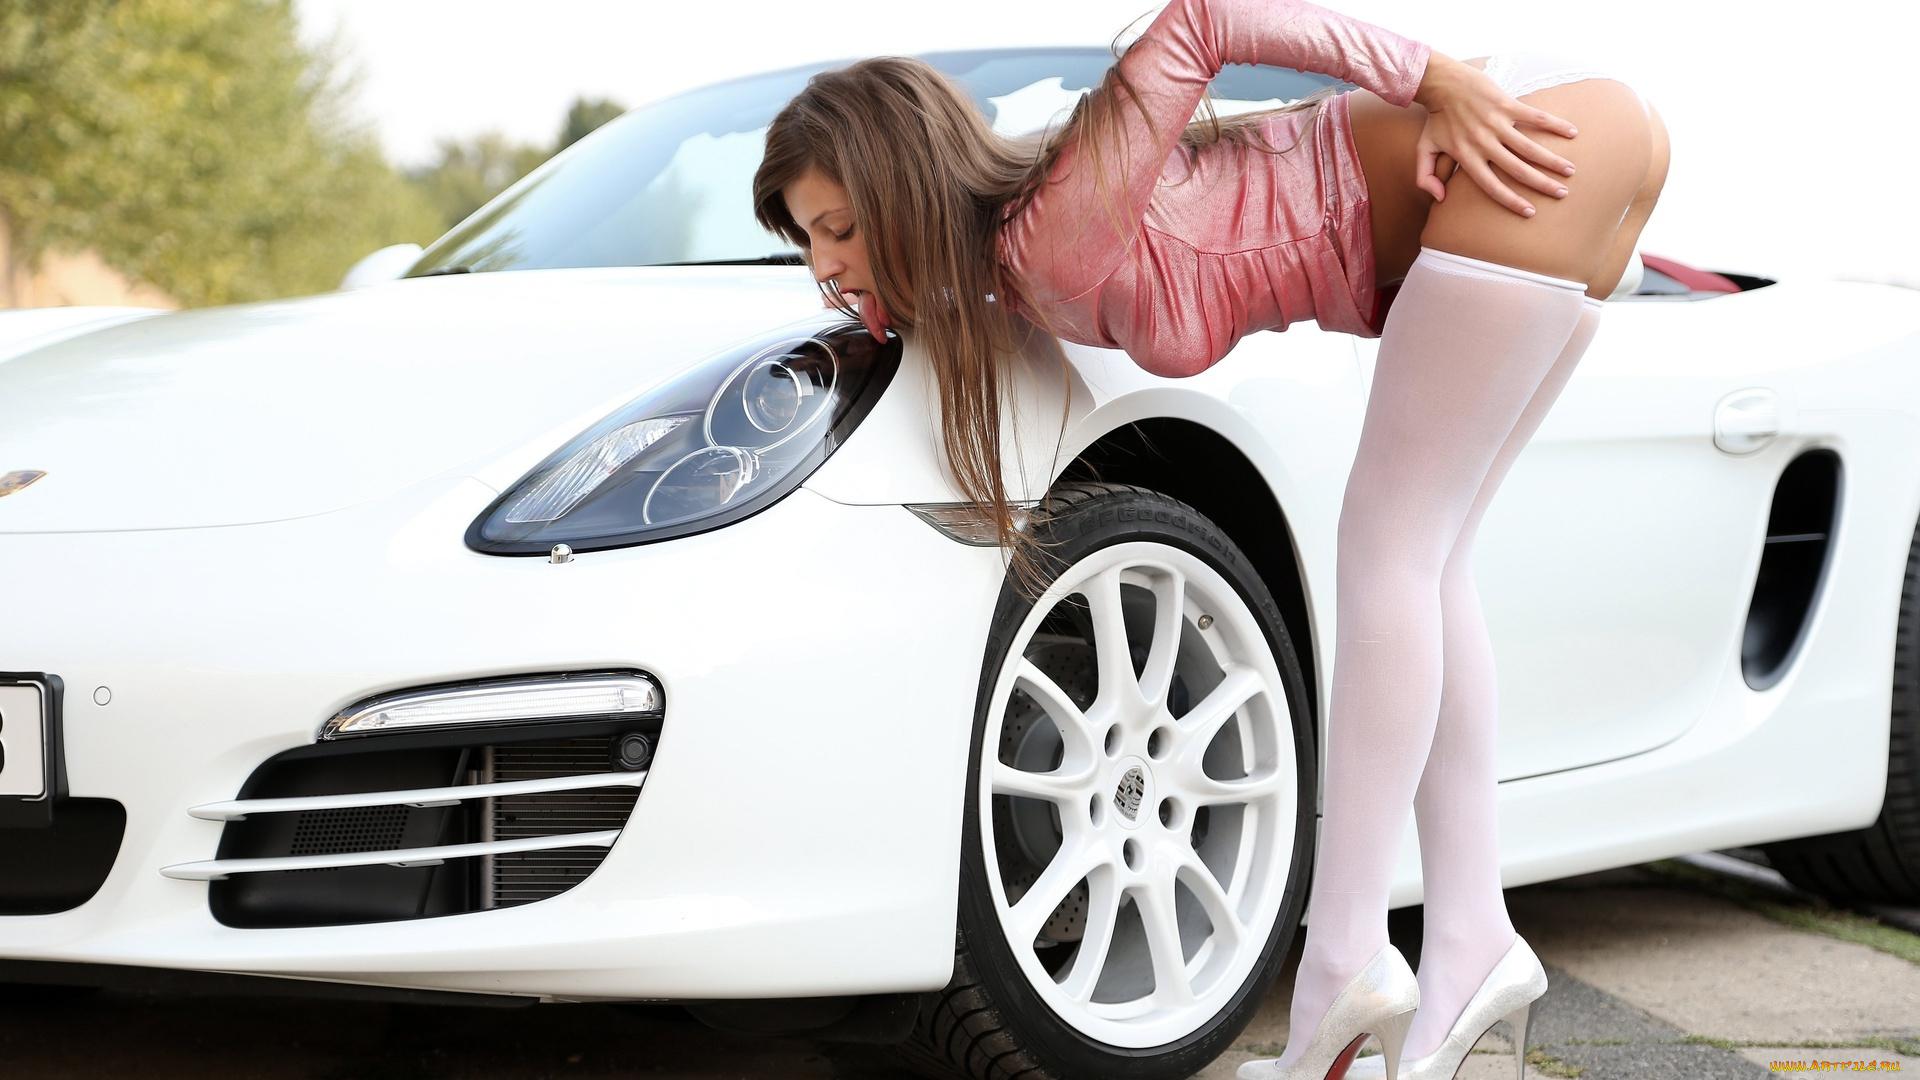 Девушка из окна автомобиля  № 3635835 бесплатно